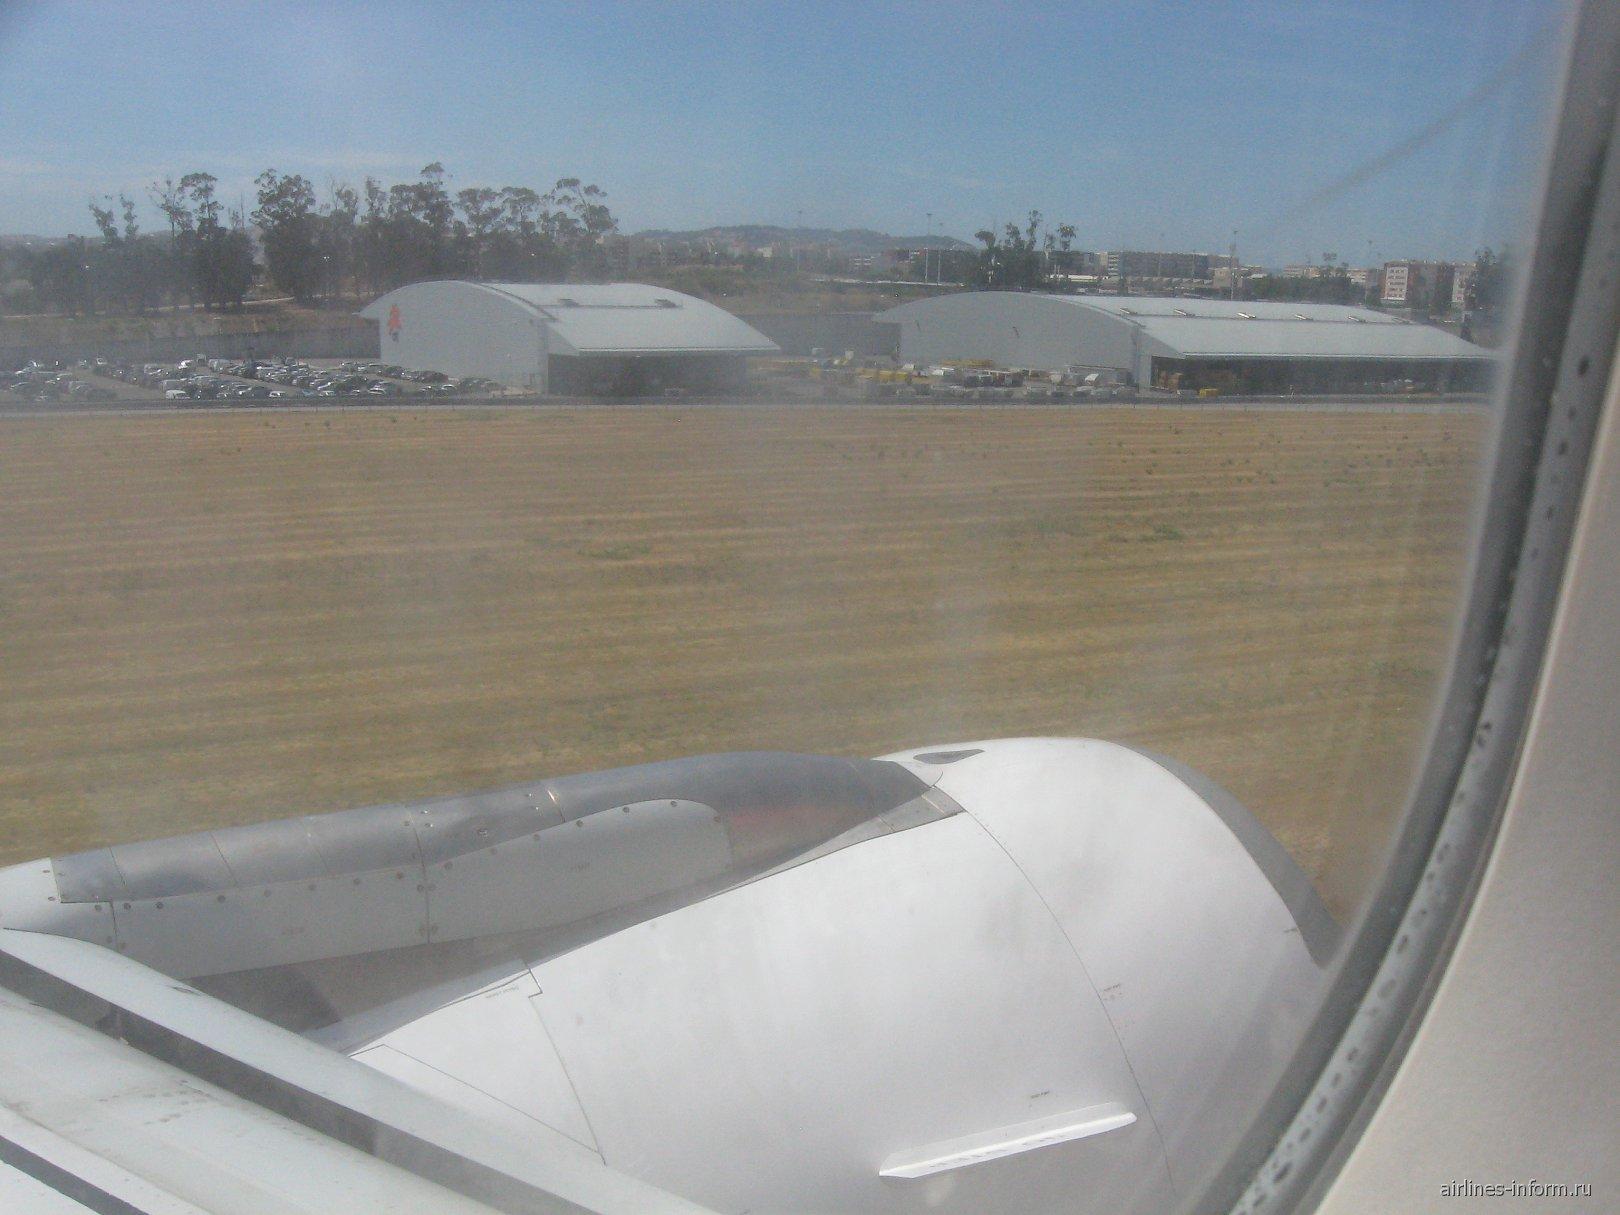 Вид из иллюминатора перед посадкой